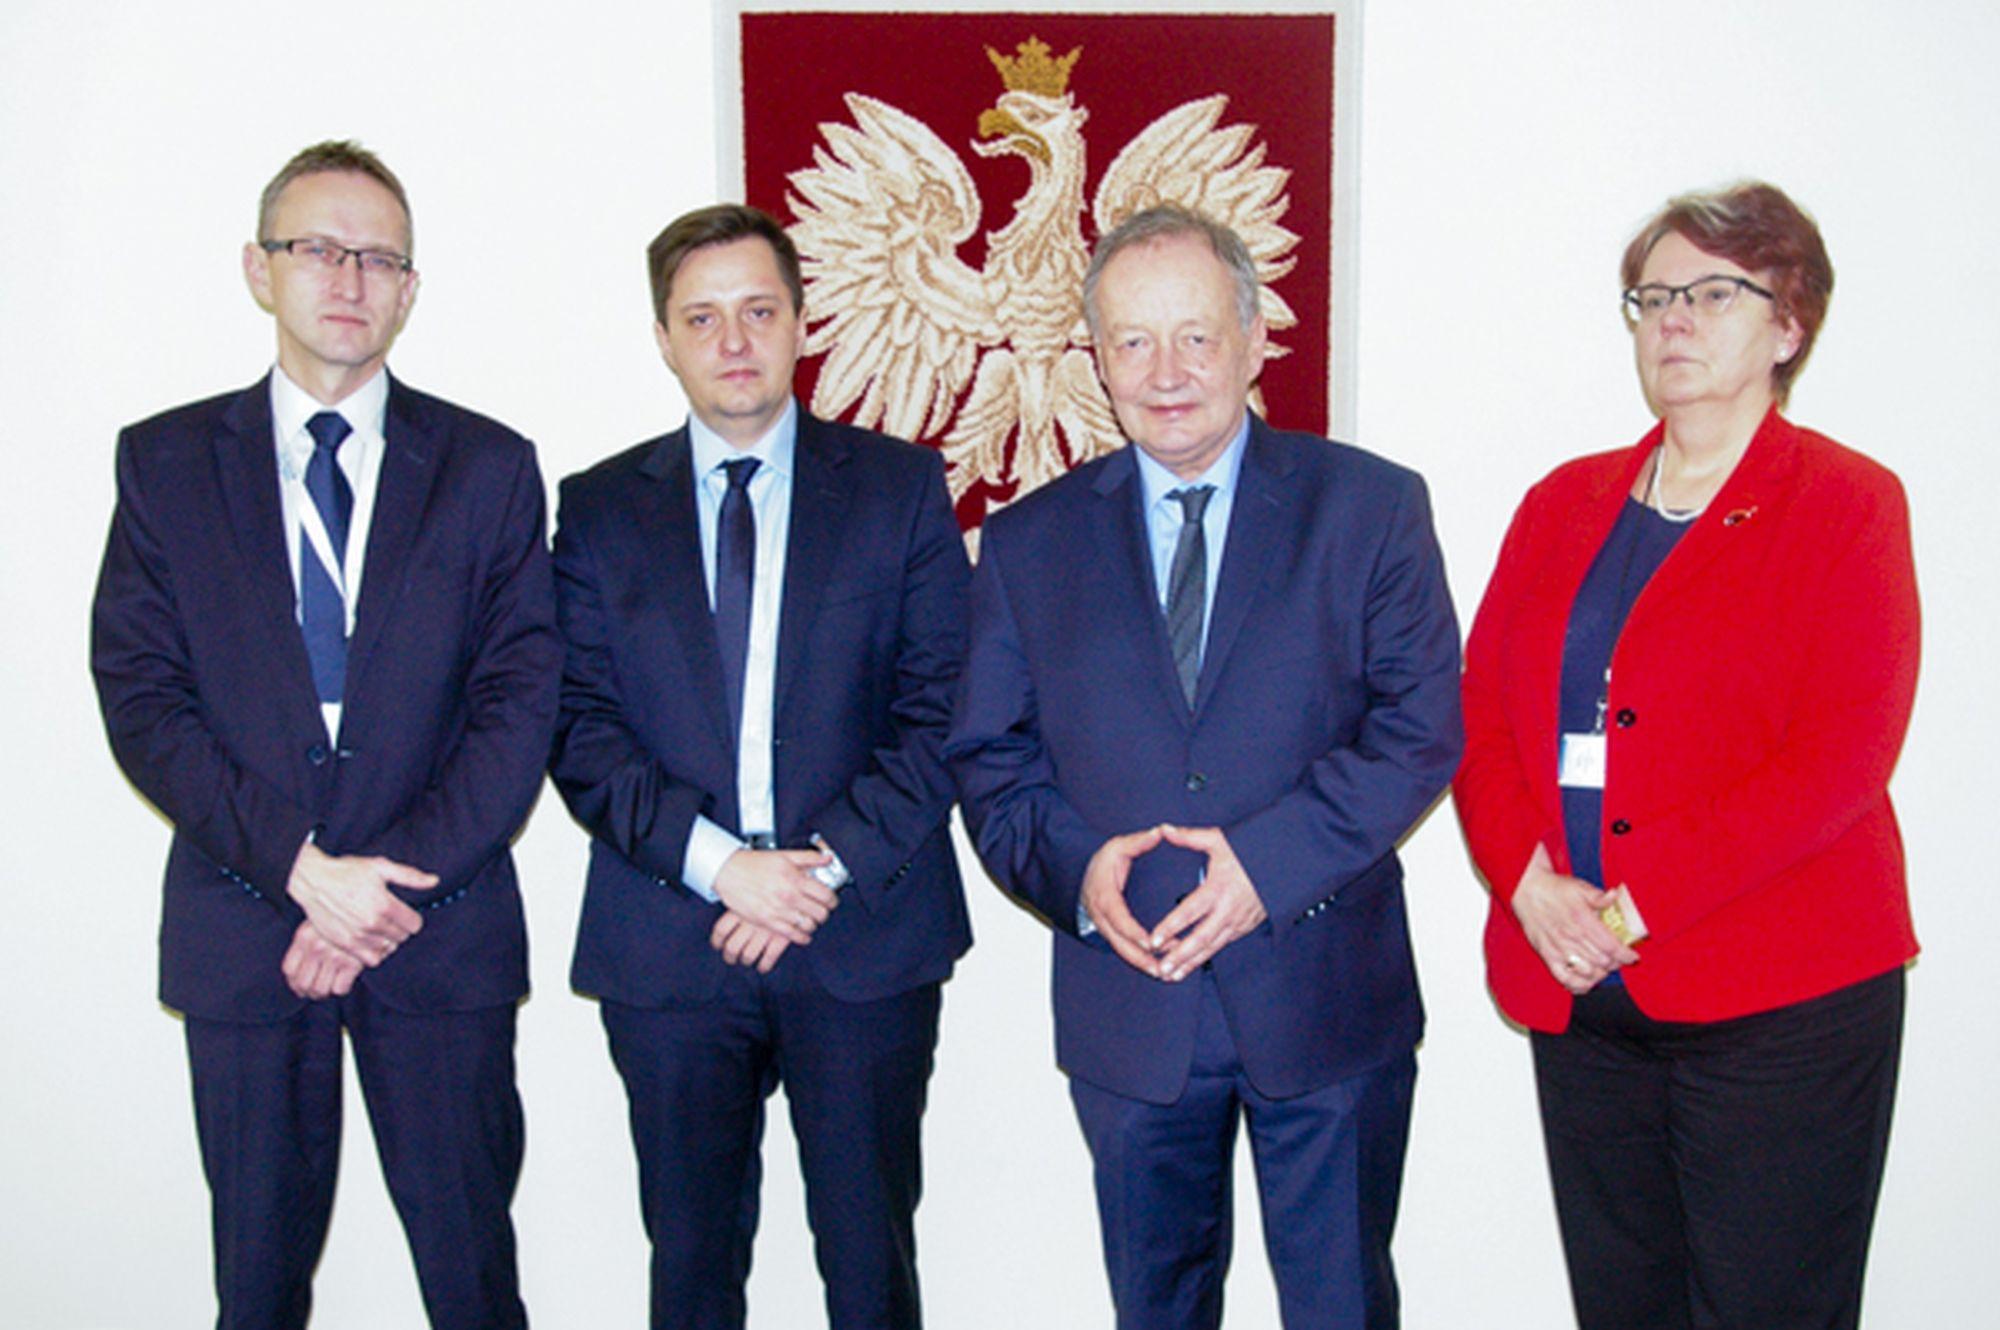 Wiceprezesi Wód Polskich (od lewej: Robert Kęsy, Mateusz Balcerowicz, wiceminister Mariusz Gajda, Iwona Koza) (fot. kzgw)